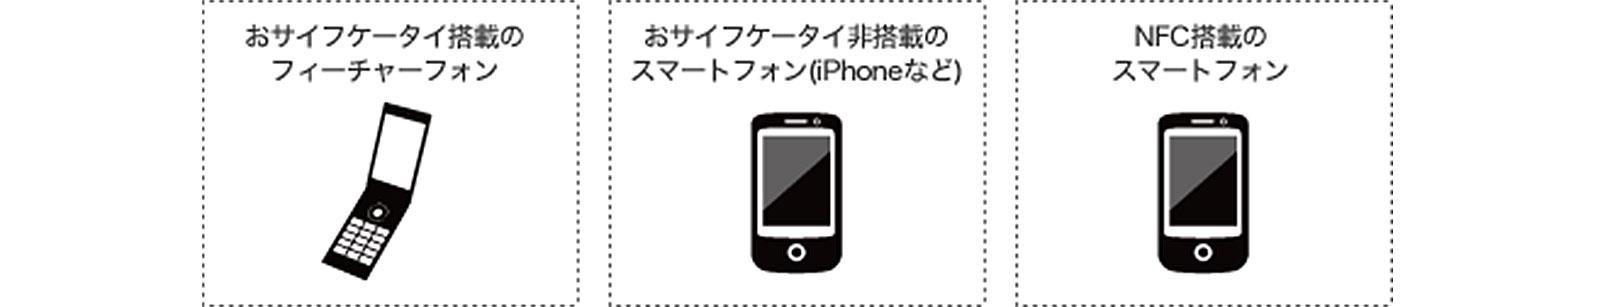 さまざまなモバイルフォンに対応